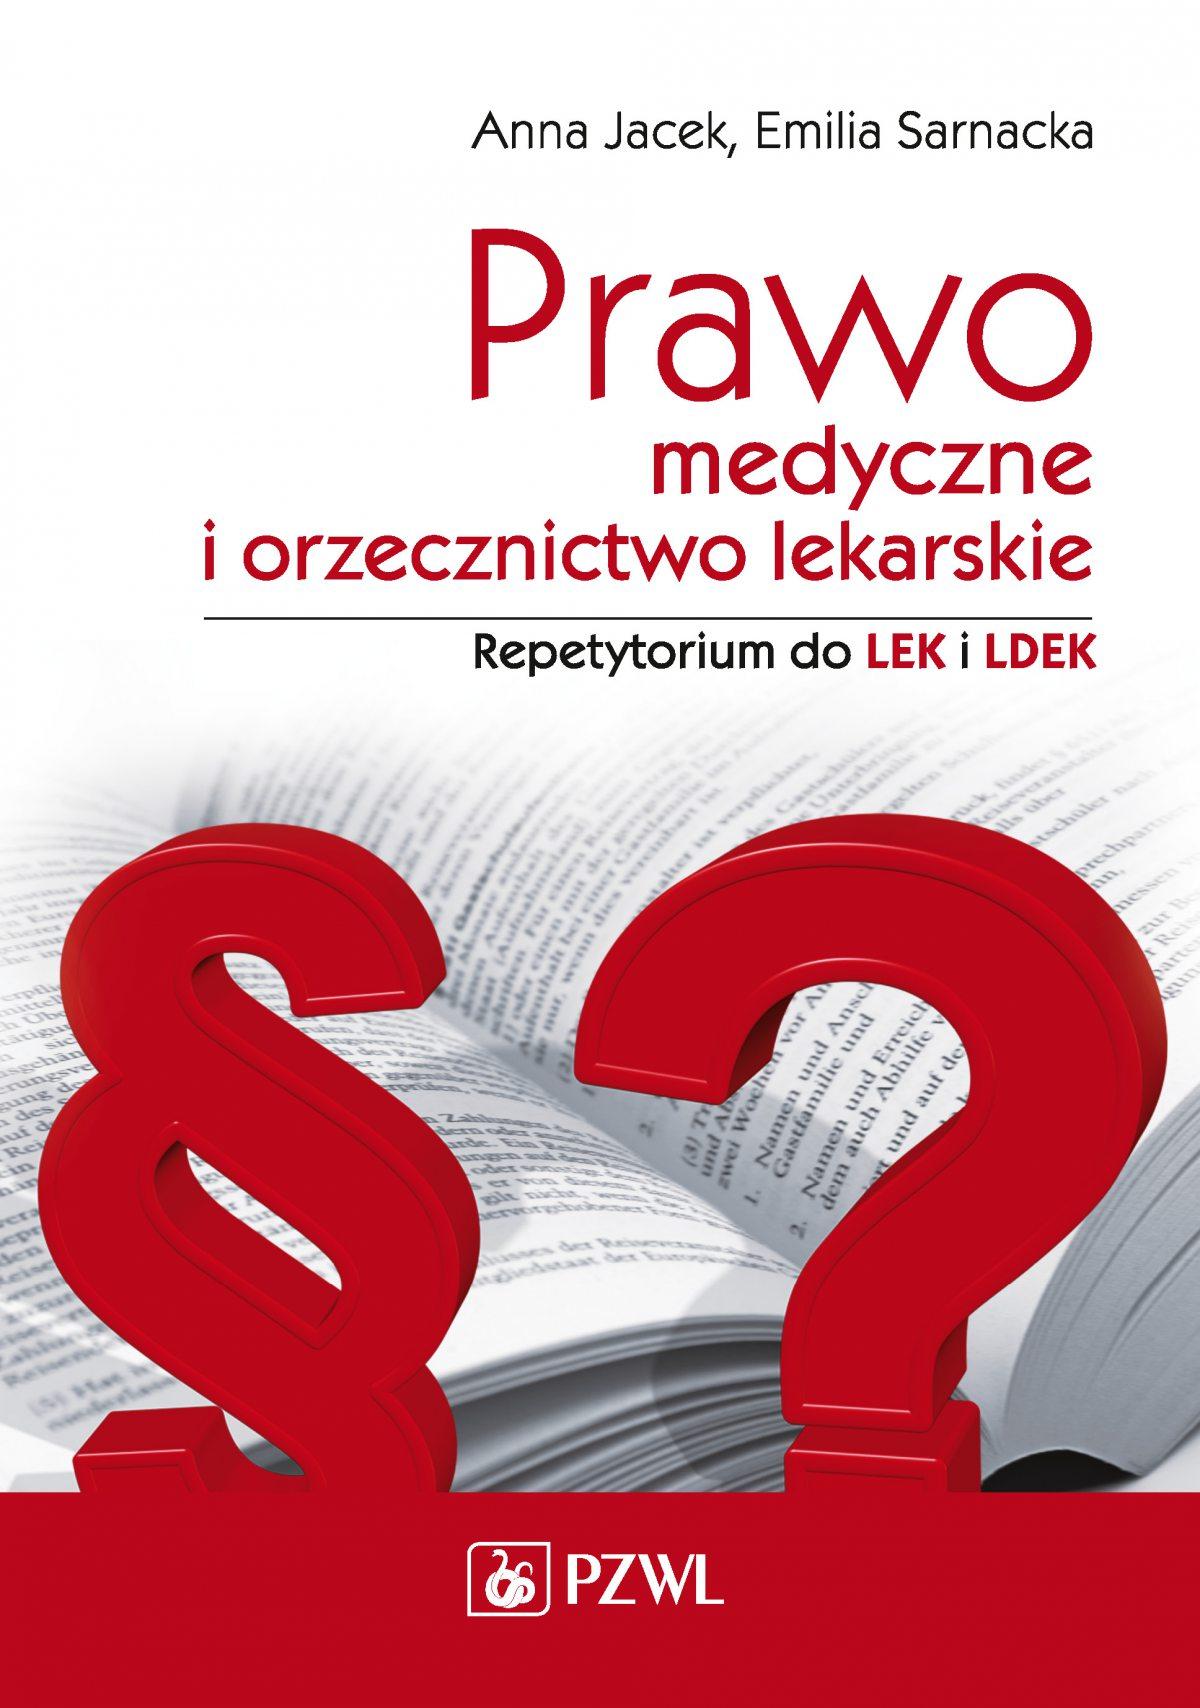 Prawo medyczne i orzecznictwo lekarskie. Repetytorium - Ebook (Książka na Kindle) do pobrania w formacie MOBI